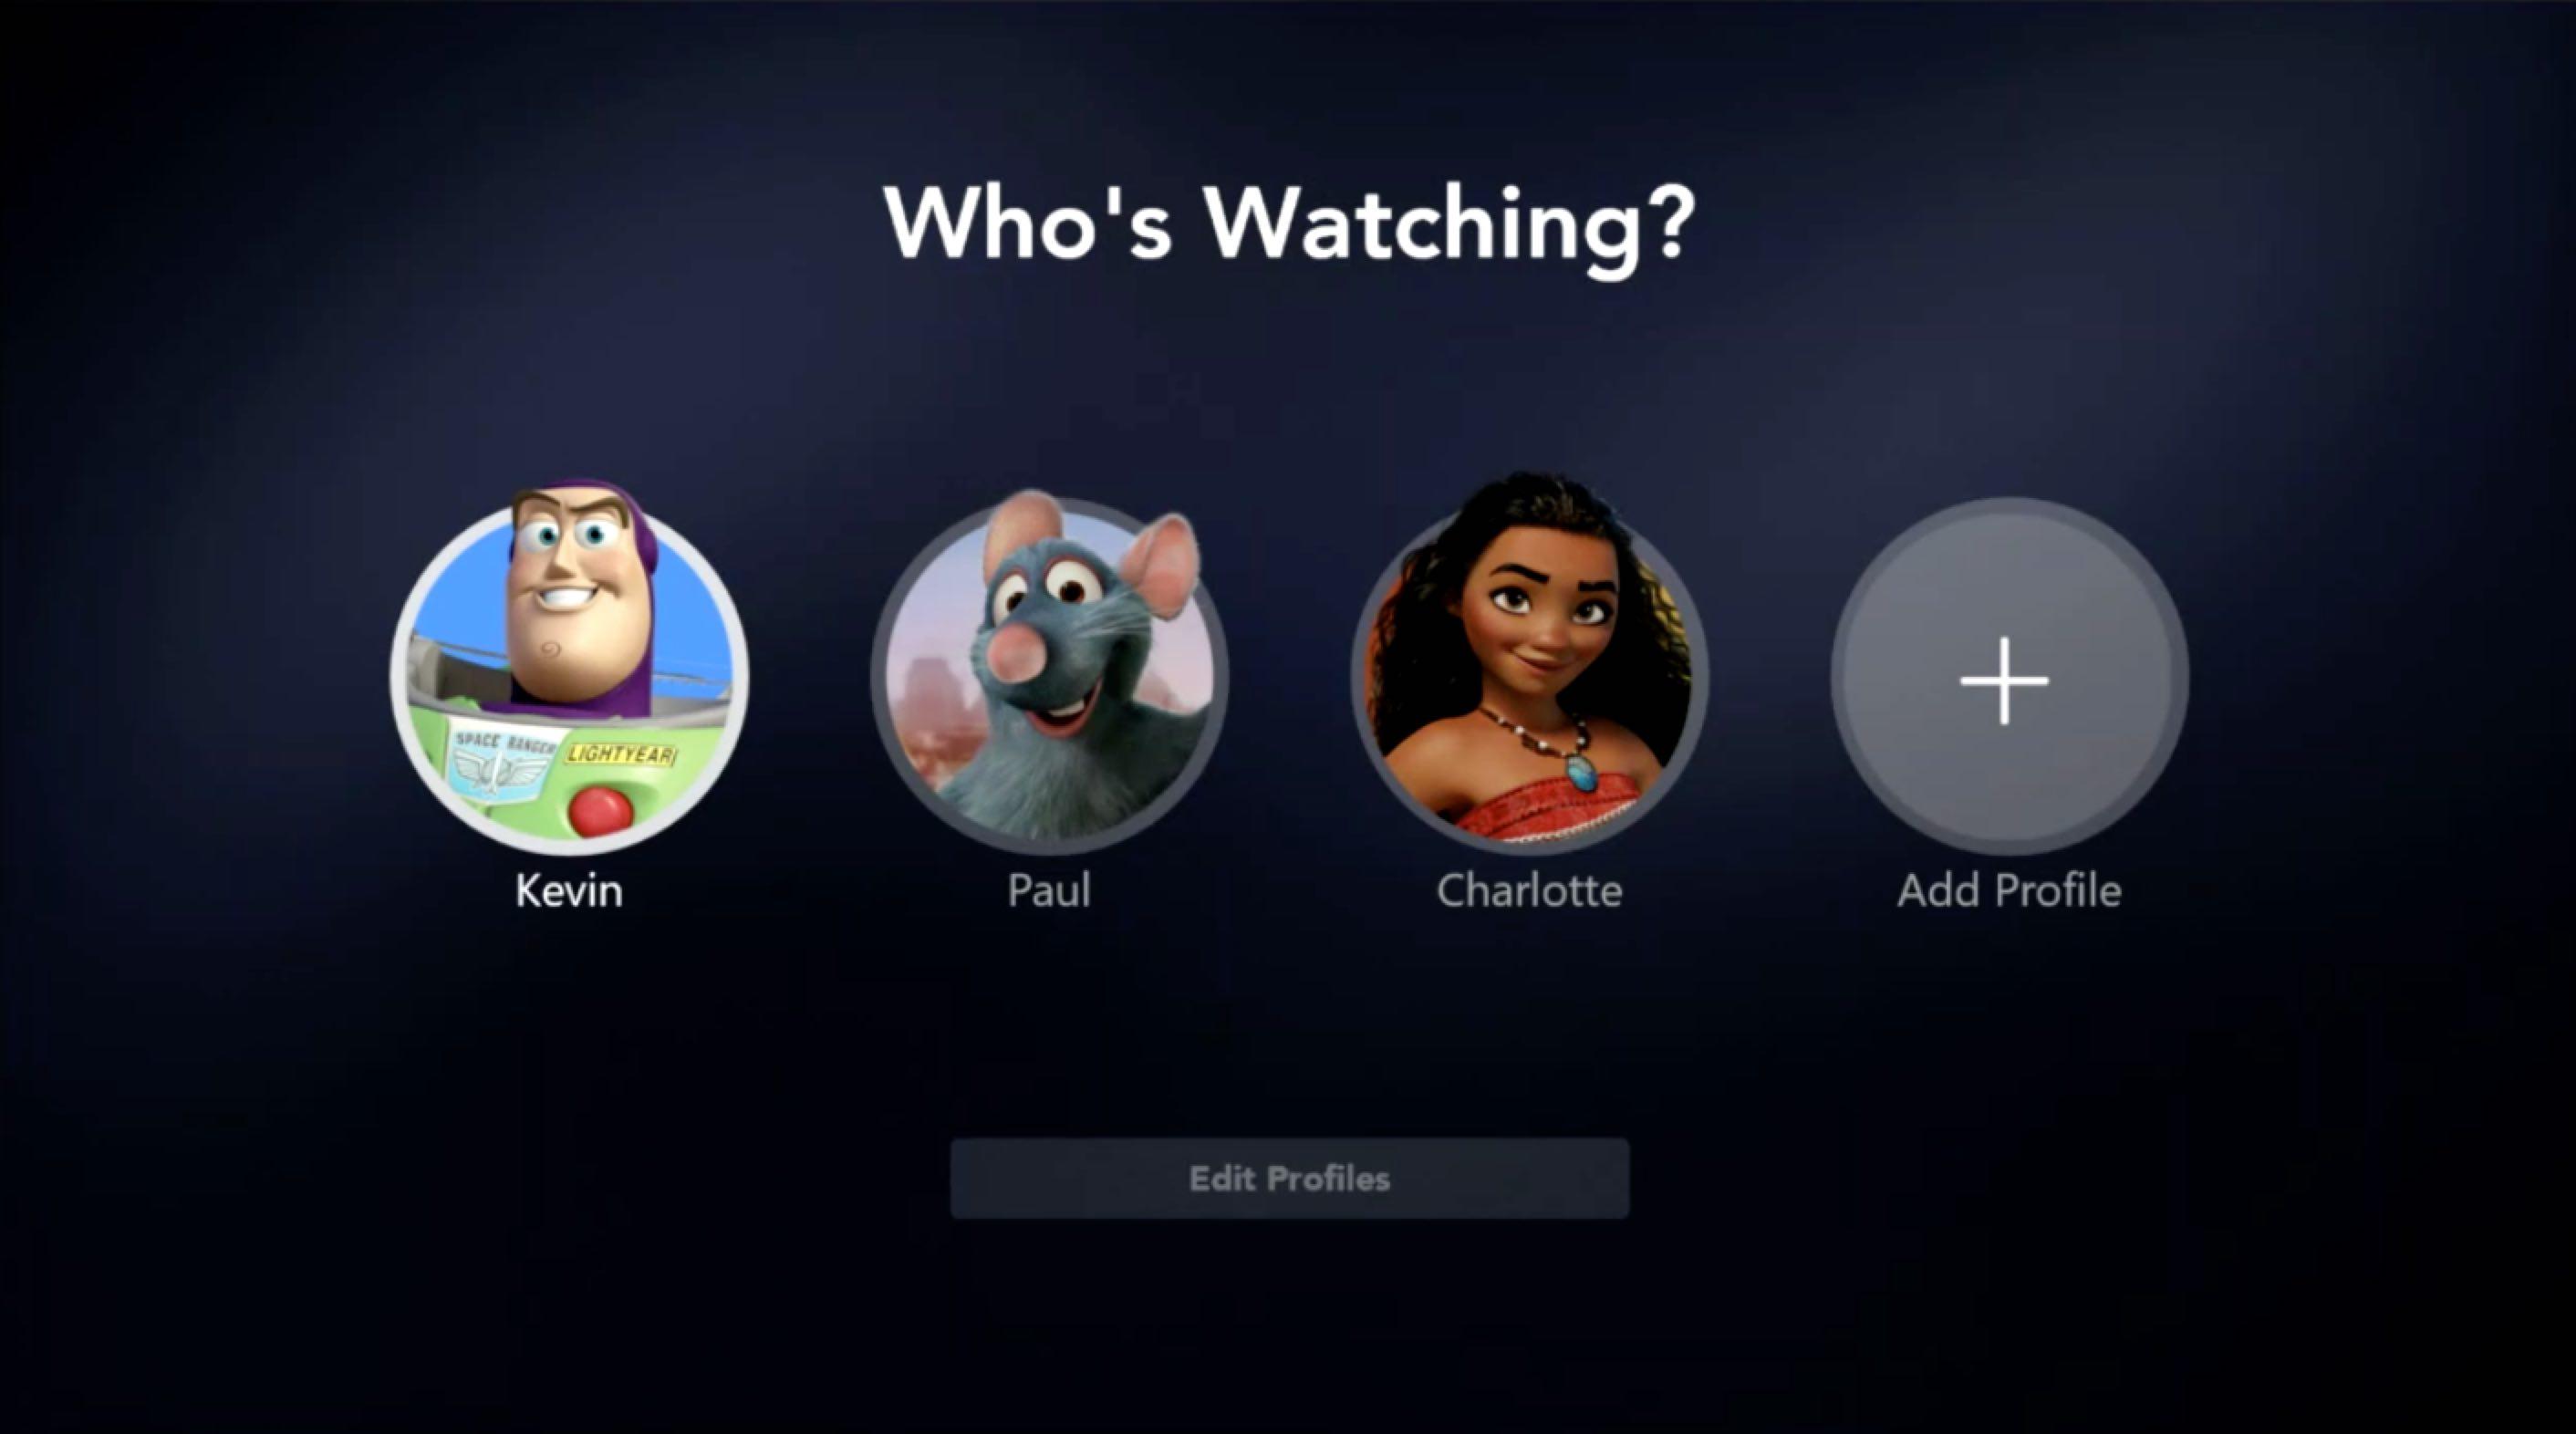 Image de l'interface Disney+ présentant les profils